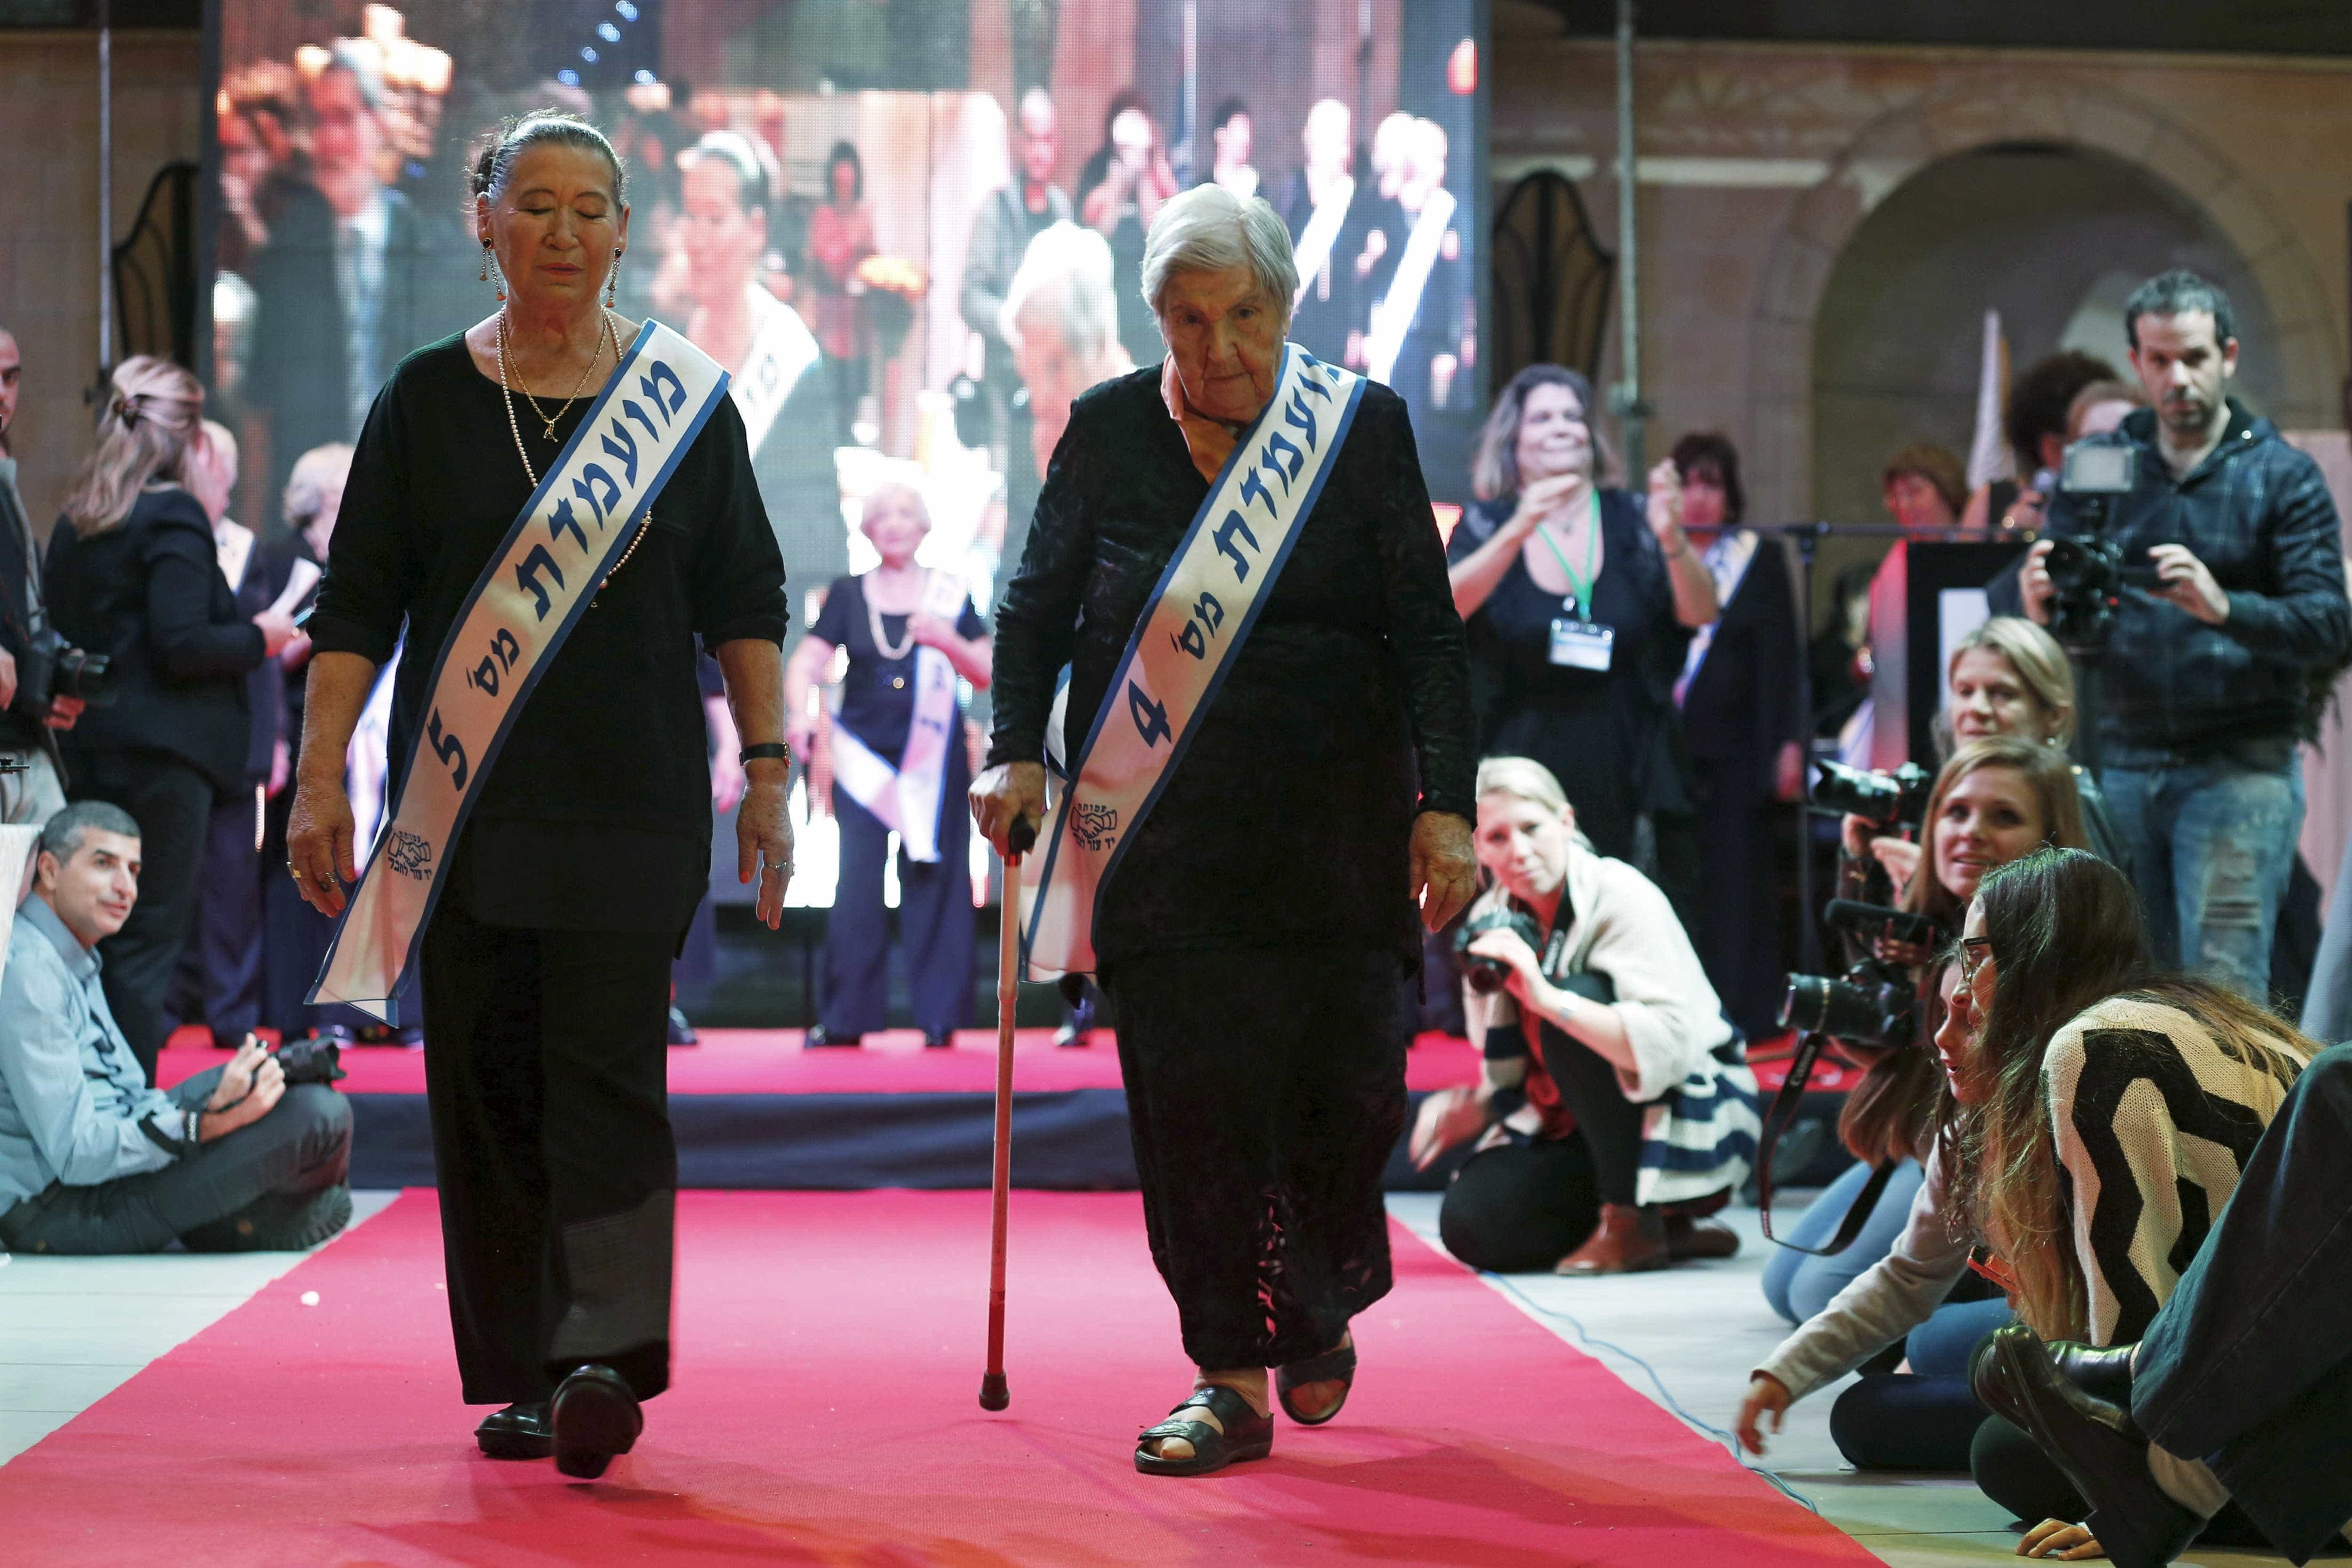 Sobreviventes disputam concurso de beleza 'Miss Holocausto'